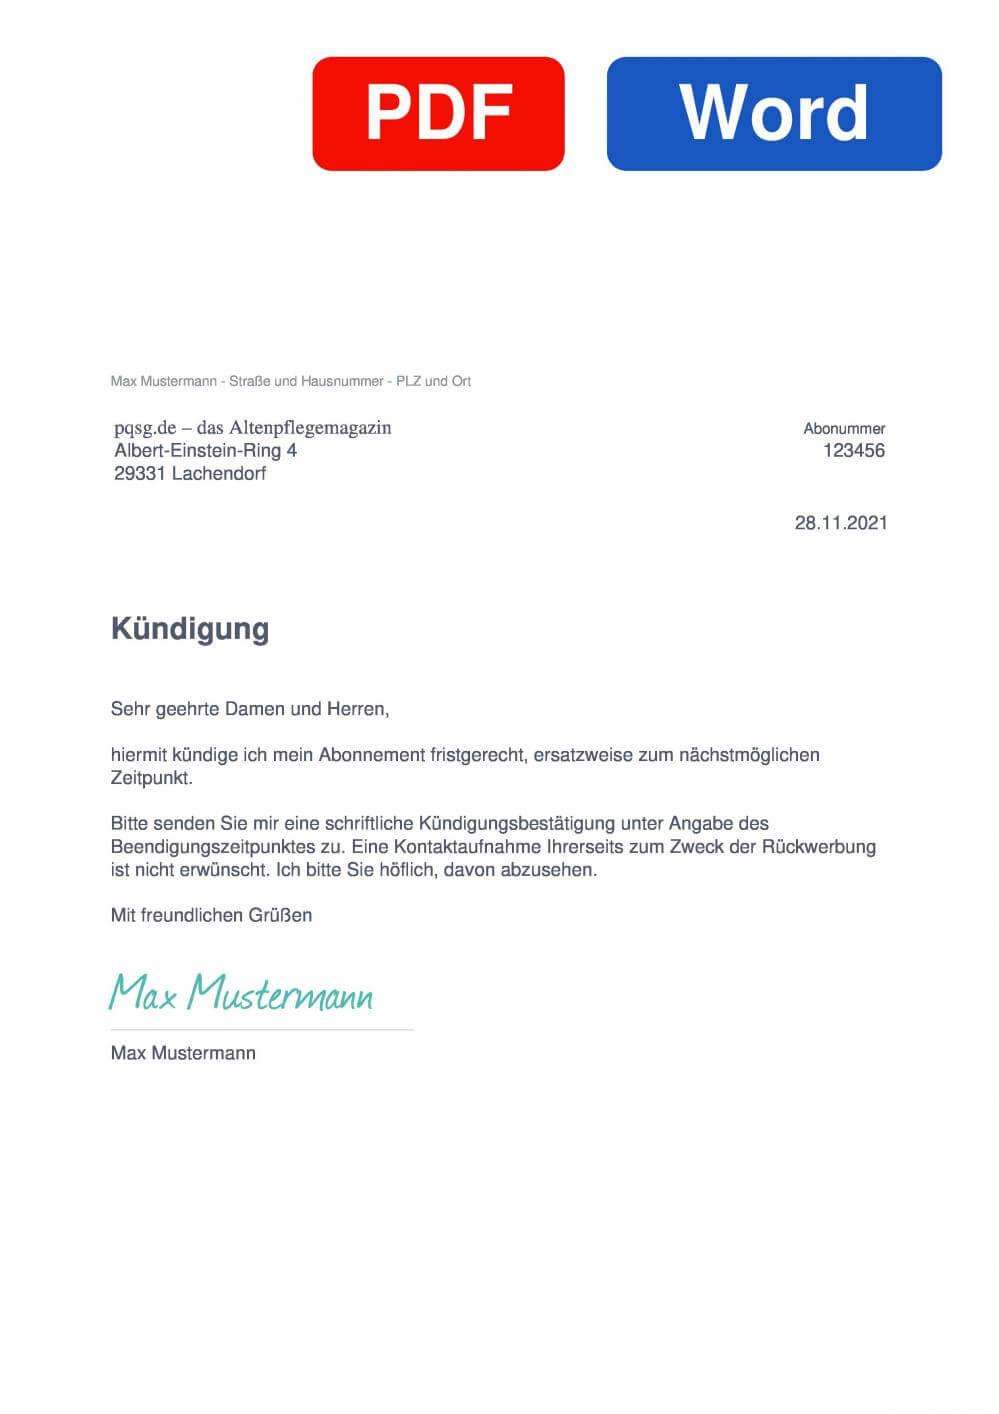 Heimvertrag Muster Vorlage für Kündigungsschreiben